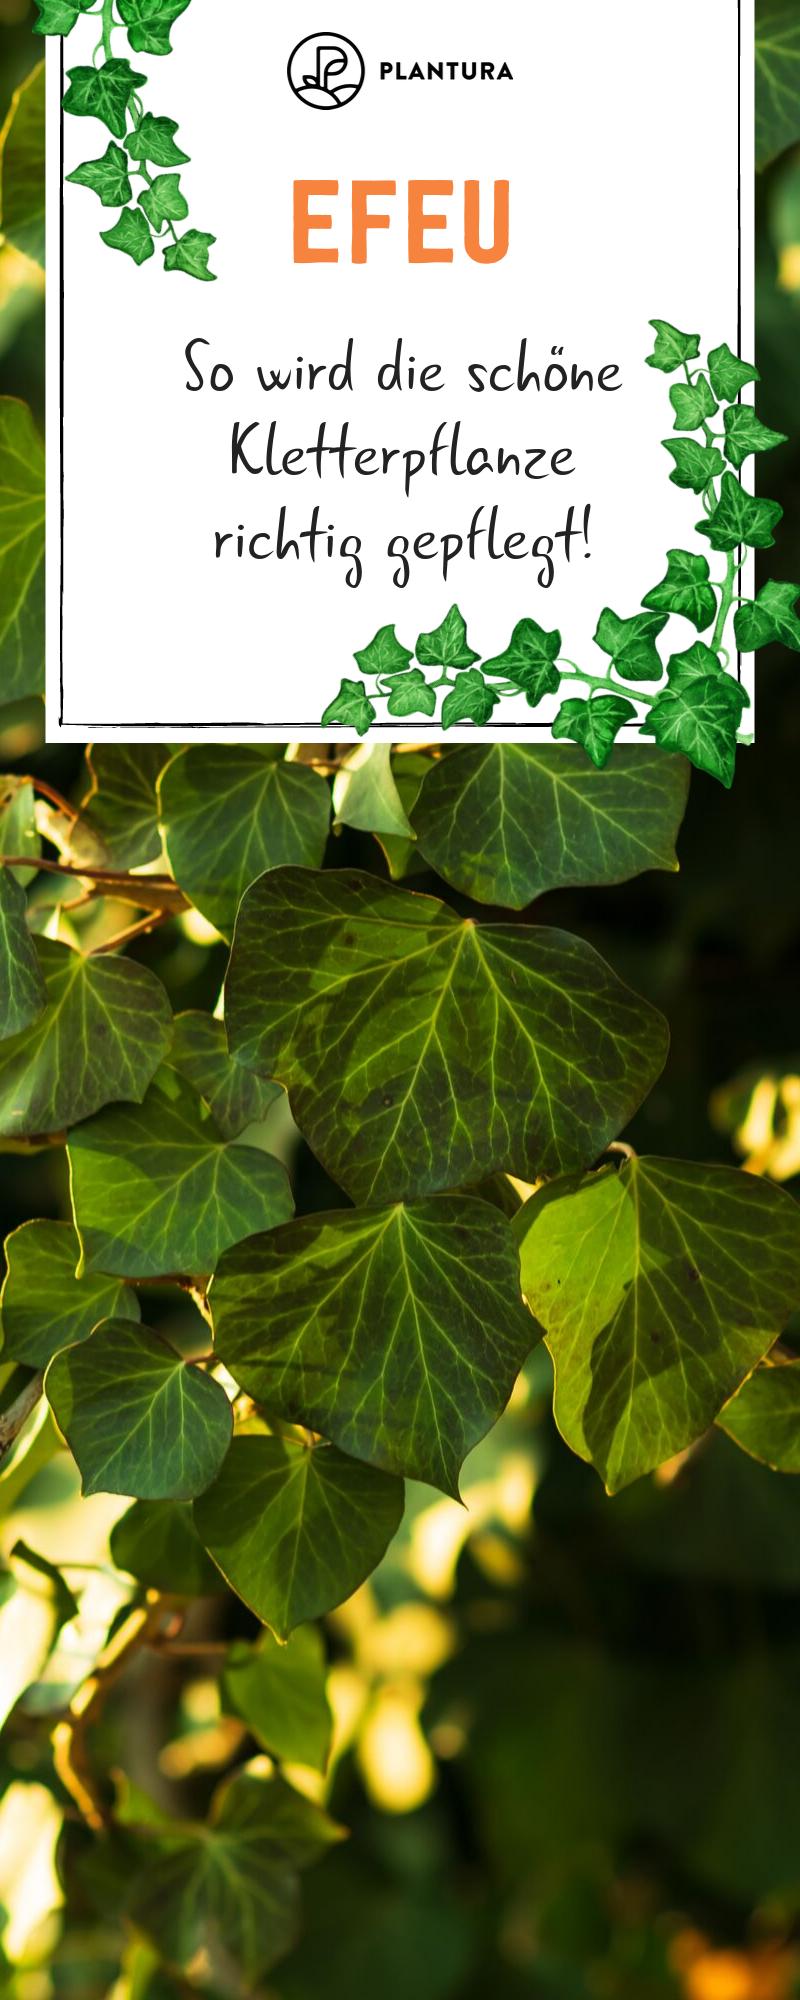 Efeu Alles Zum Pflanzen Pflegen Entfernen Der Kletterpflanze Plantura Pflanzen Kletterpflanzen Pflanzenblatter